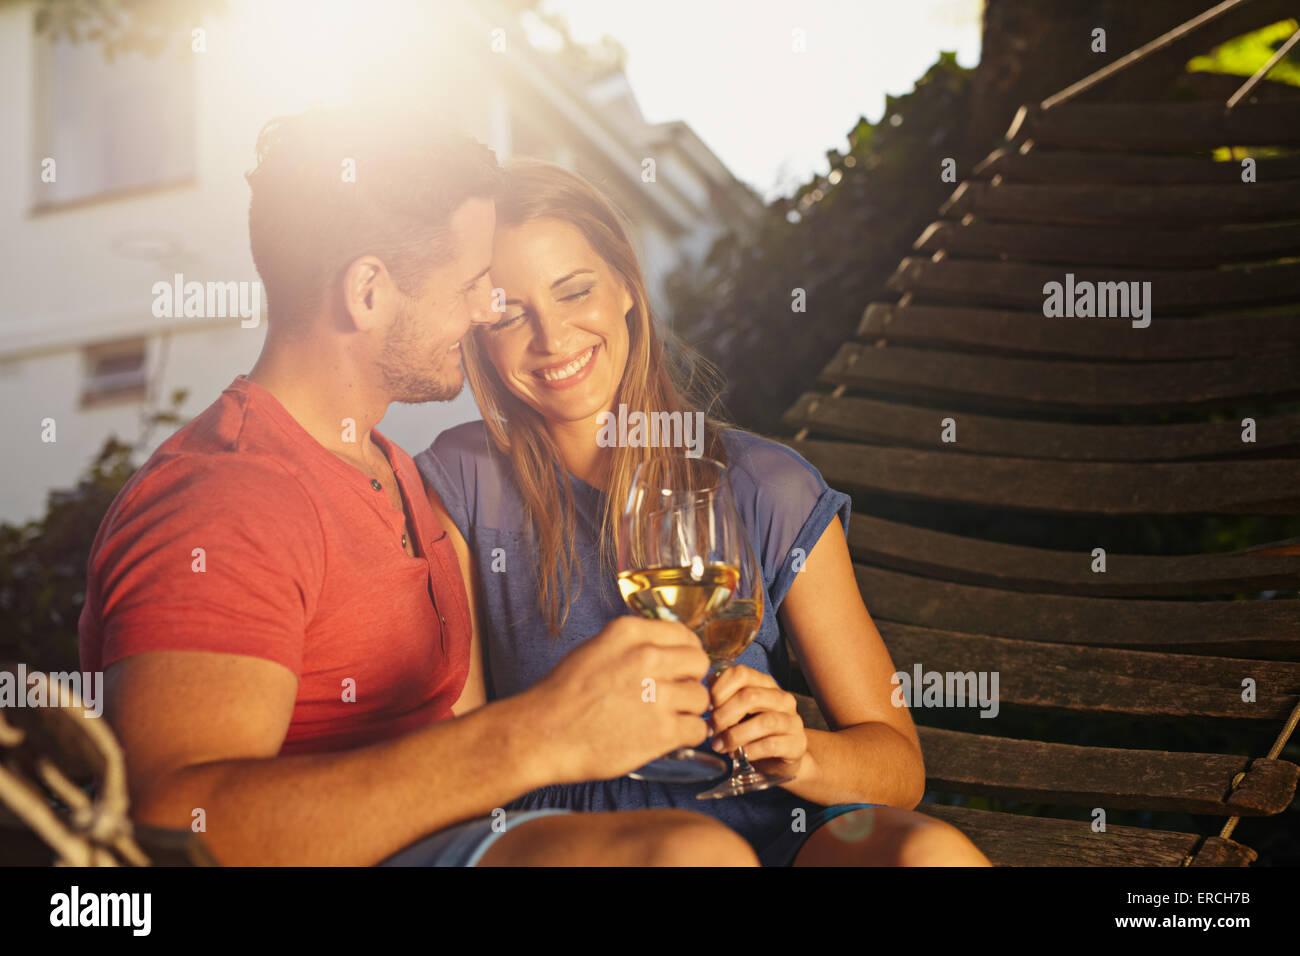 Schöne junge Paar Toasten Wein im Freien. Sie sitzen auf einer Hängematte lächelnd und Weintrinken Stockbild